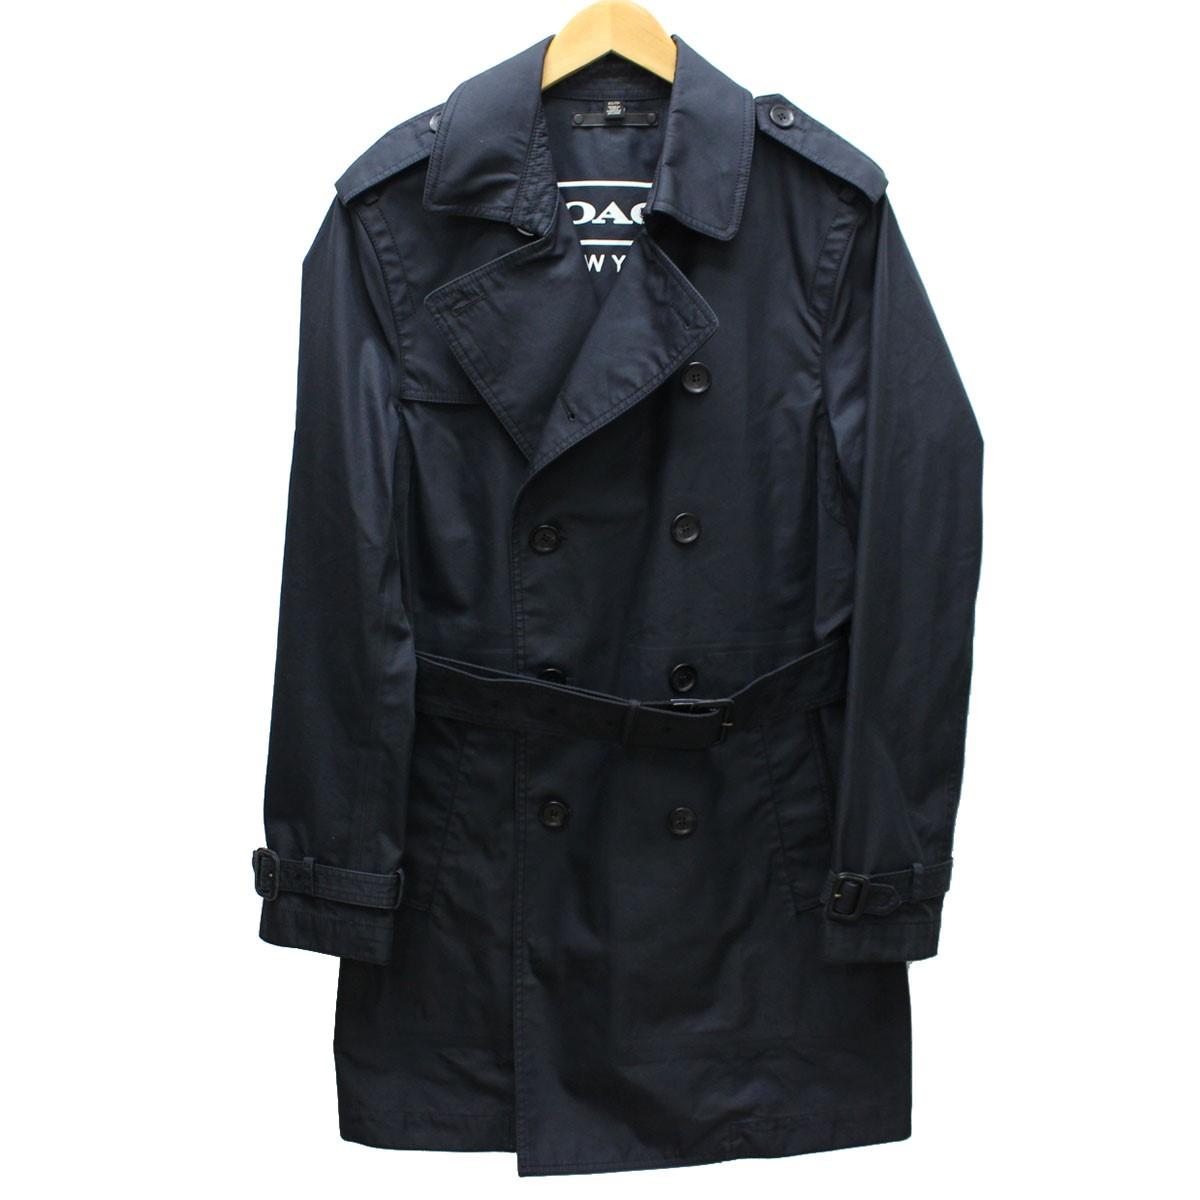 【中古】COACH トレンチコート 国内正規品 ネイビー サイズ:XS 【送料無料】 【030419】(コーチ)